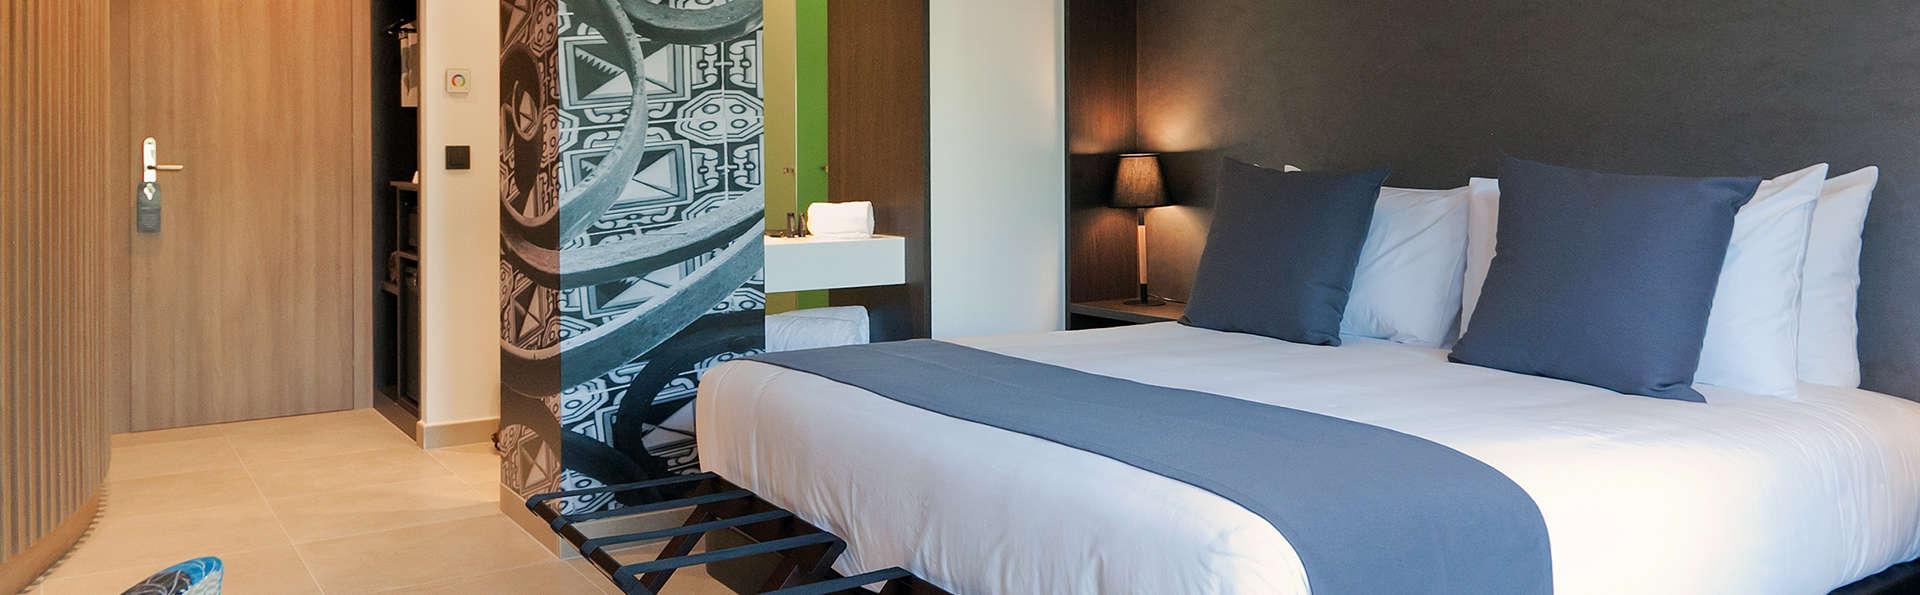 Escapada romántica en Arenys de Mar en un hotel boutique con desayuno y cava